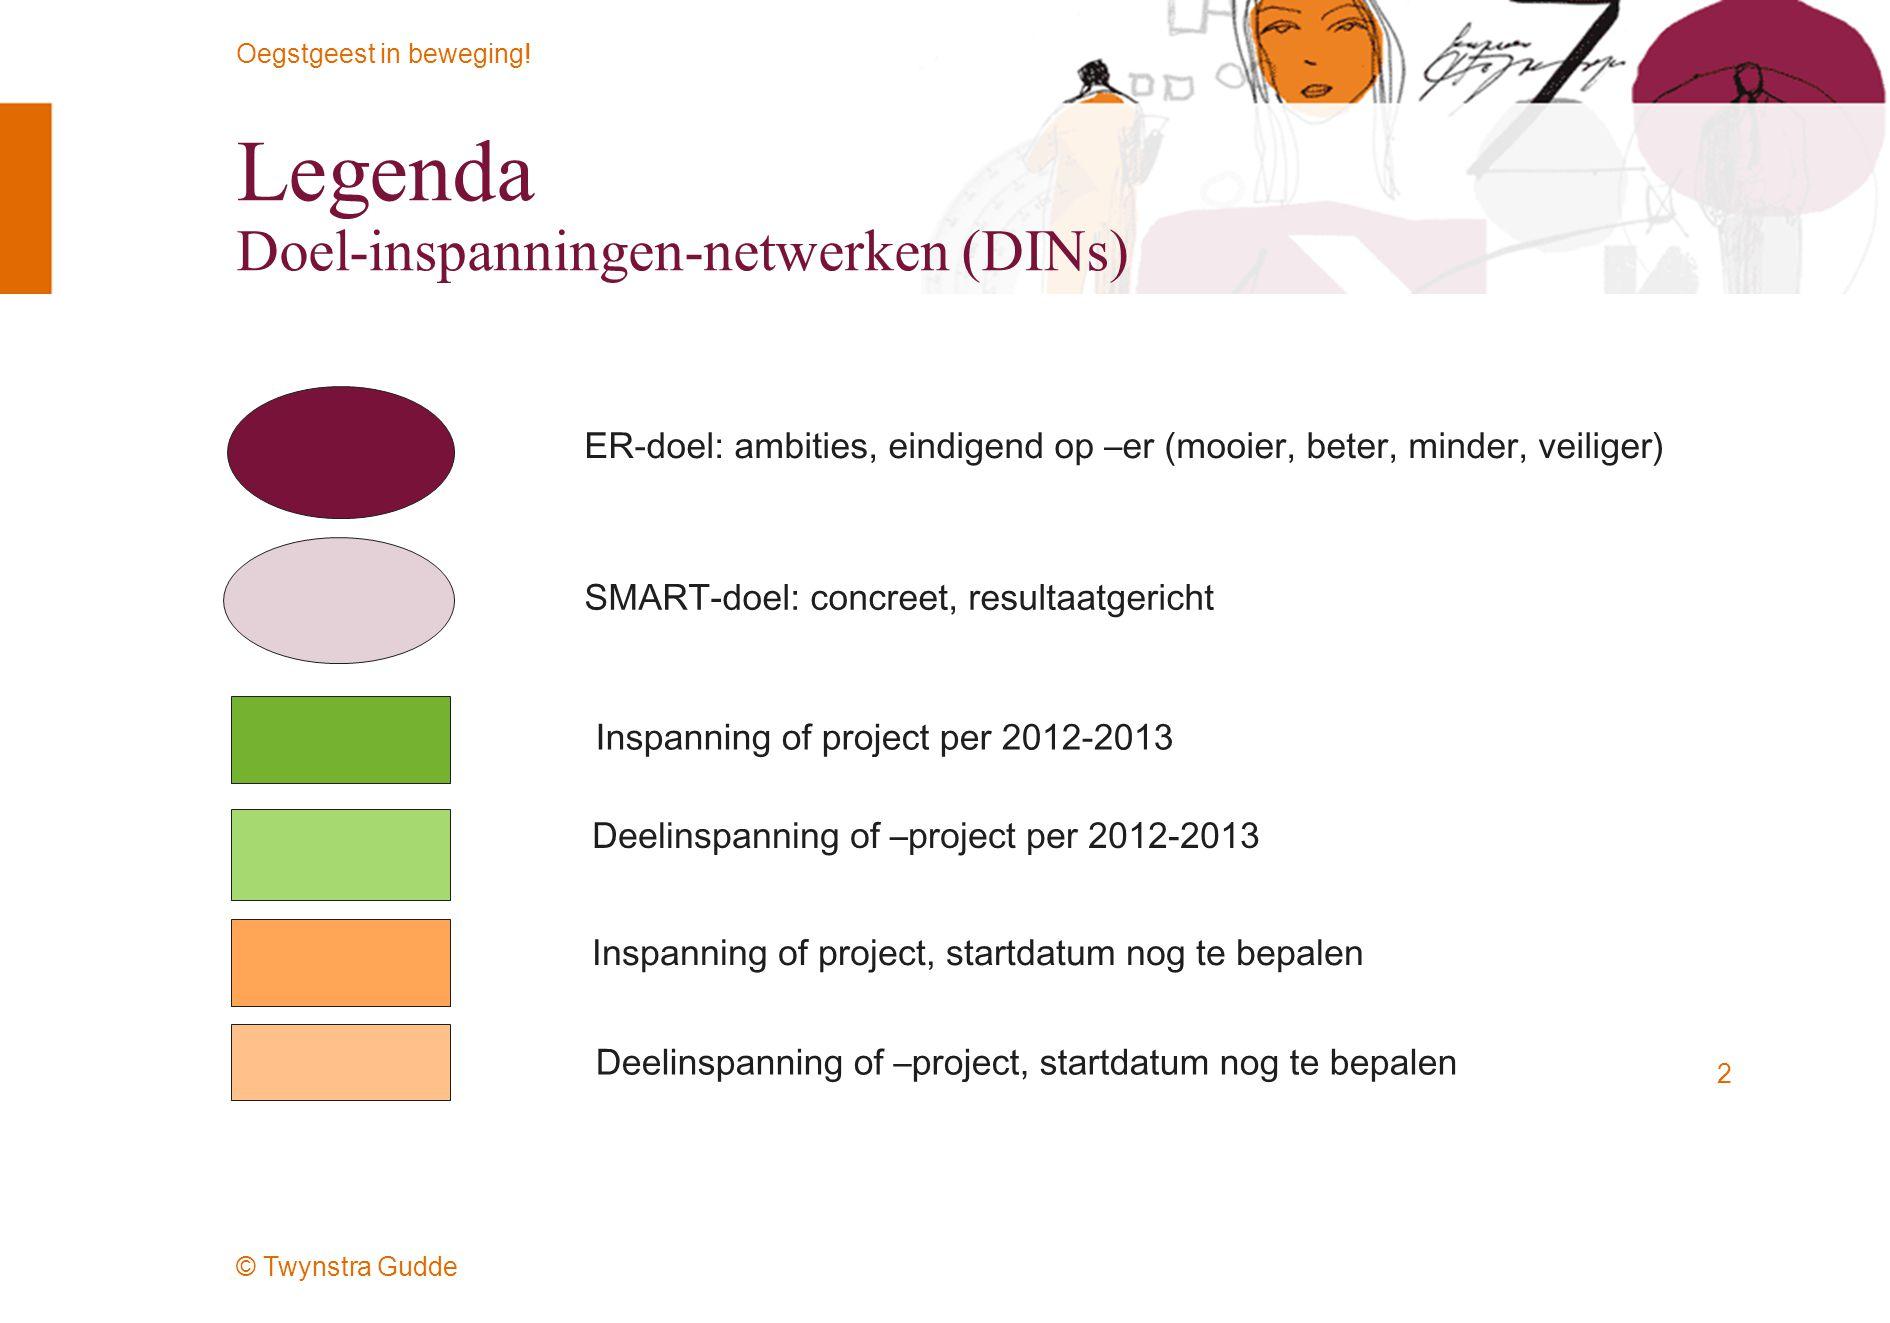 © Twynstra Gudde Oegstgeest in beweging! Legenda Doel-inspanningen-netwerken (DINs) 2 ER-doel: ambities, eindigend op –er (mooier, beter, minder, veil